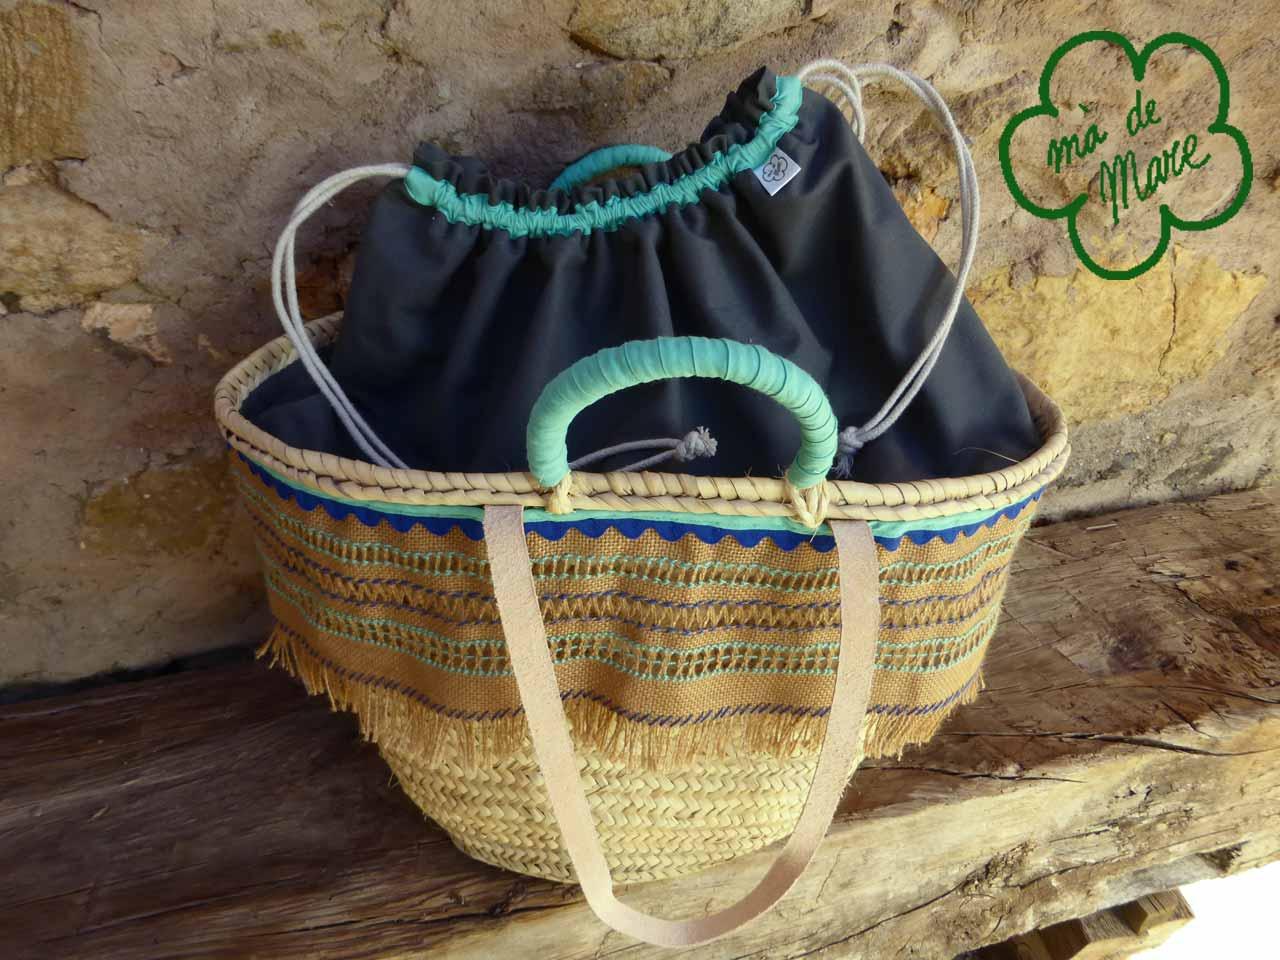 Capazo playa/piscina o bolso 6